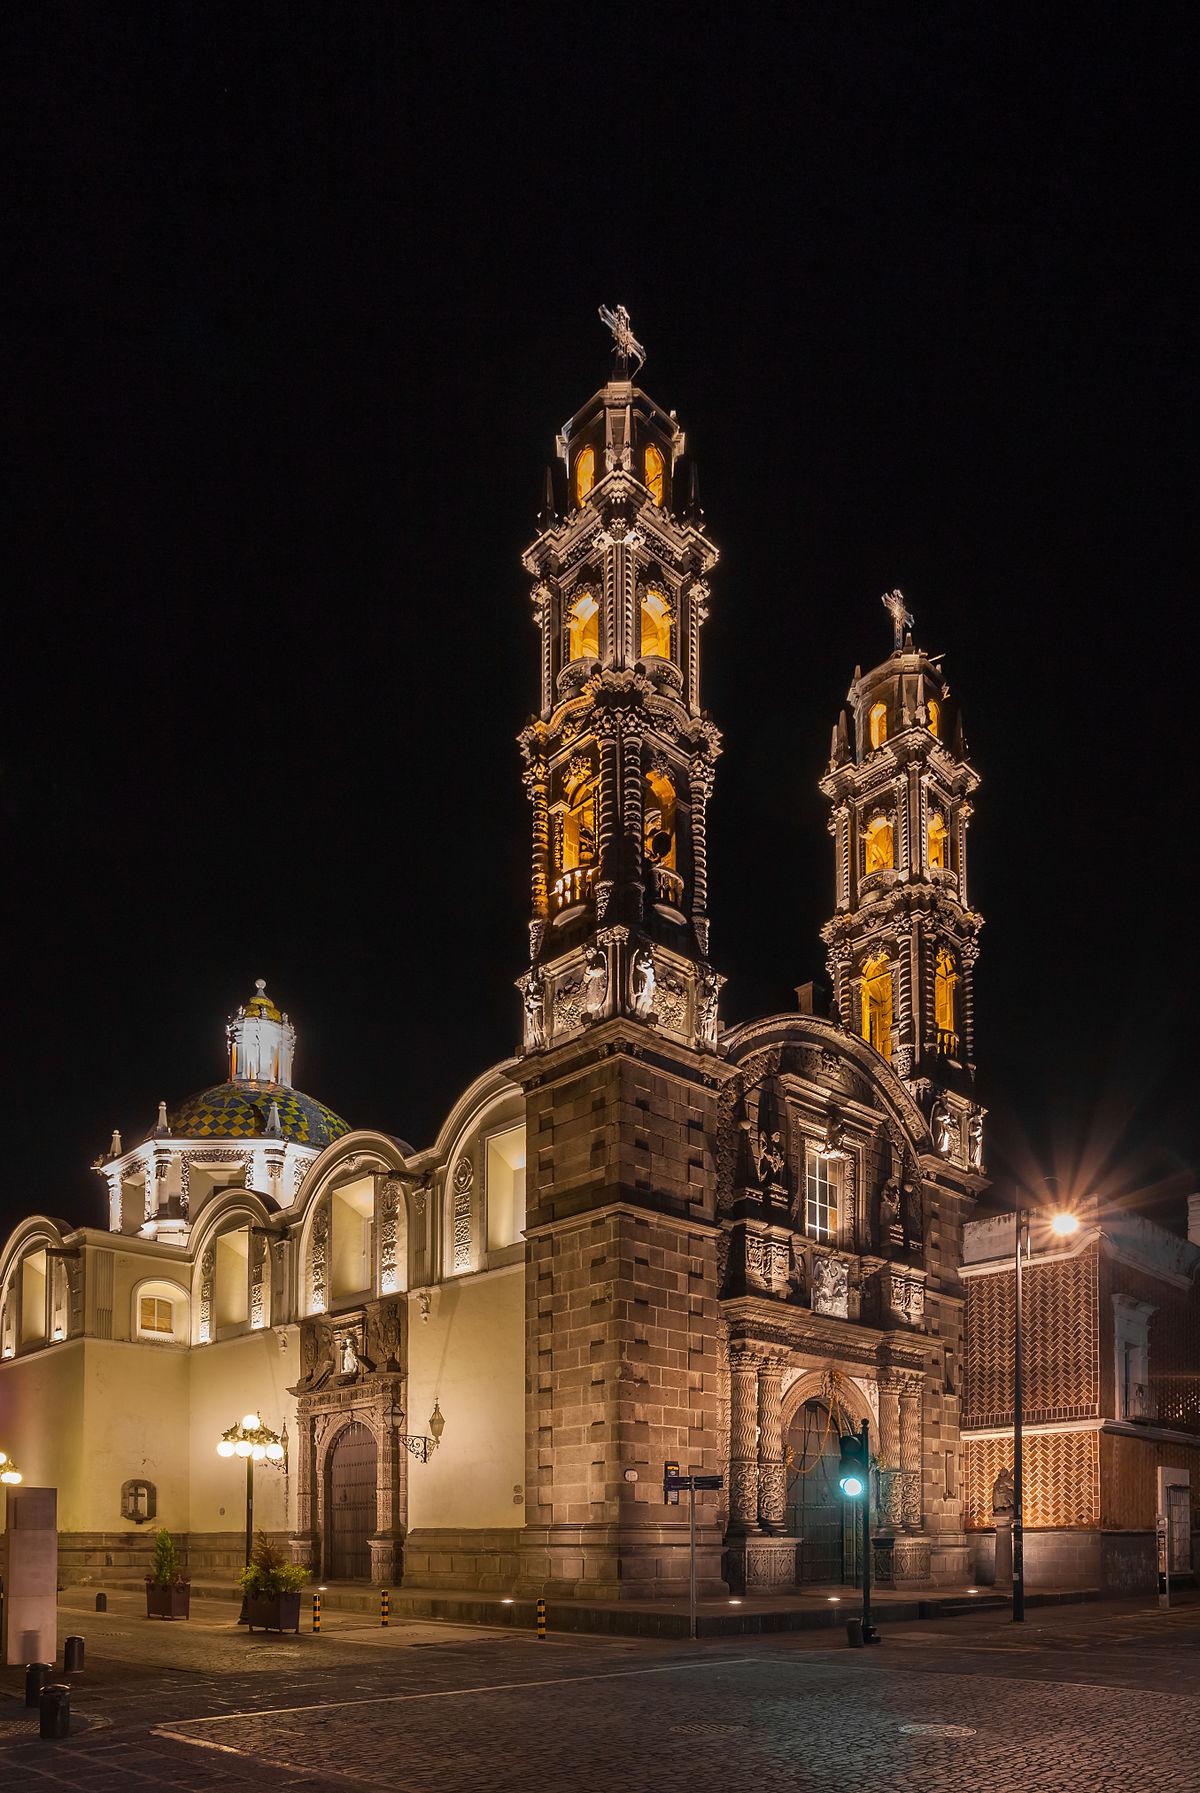 vista de noche del templo de San Cristóbal